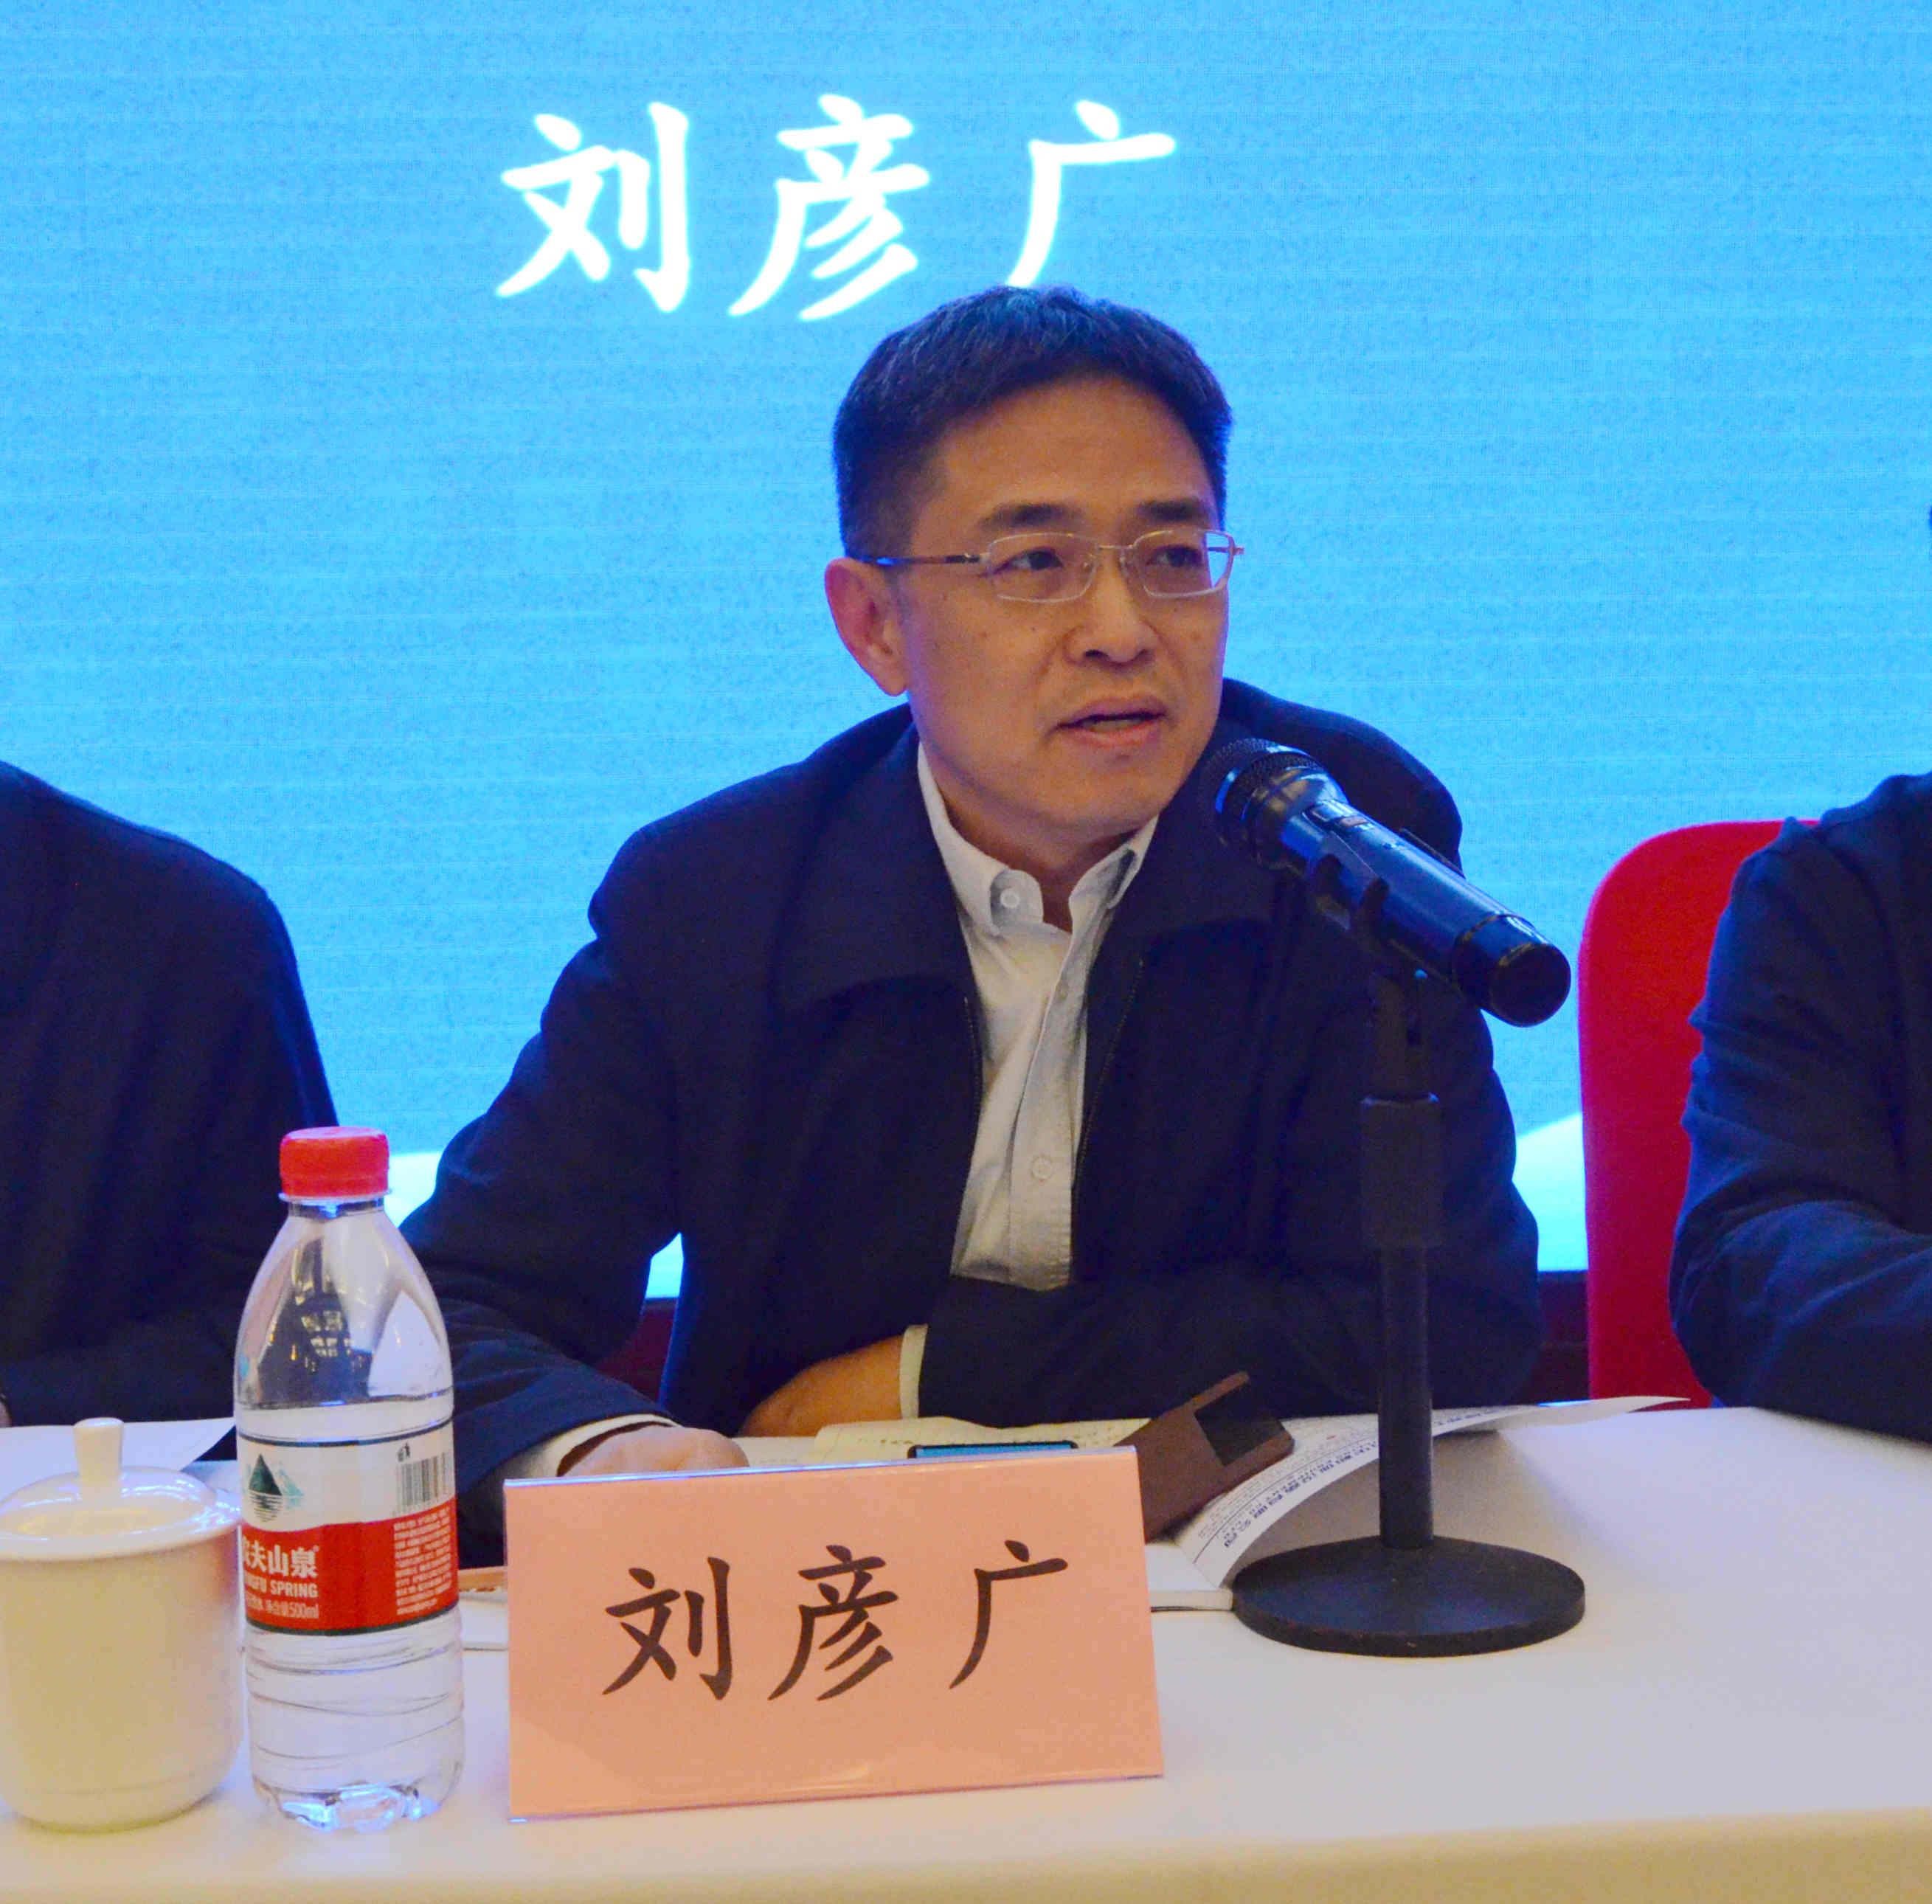 中国建材报社主编、中国绿色建材产业发展联盟秘书长刘彦广讲话